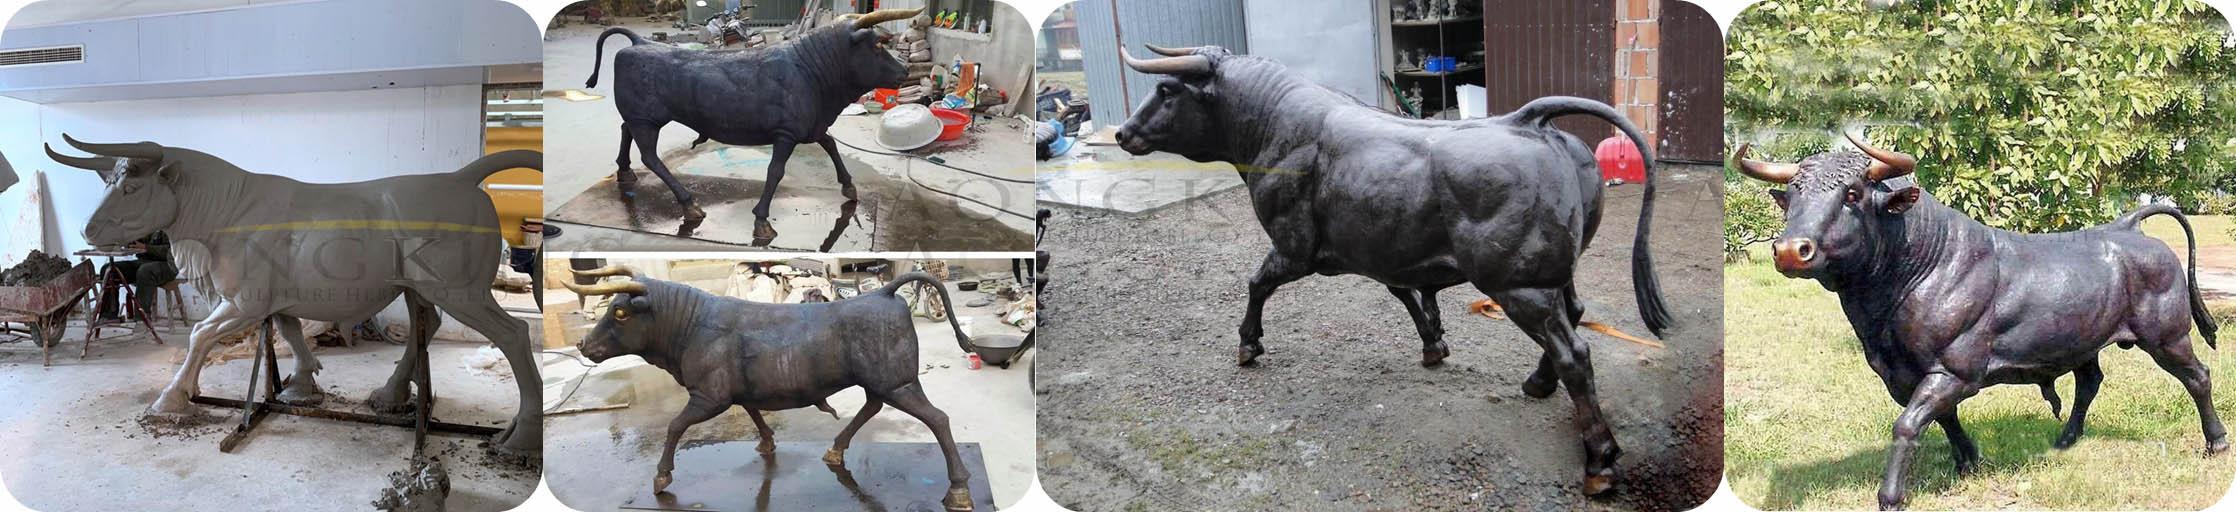 Spanish bullfight statue